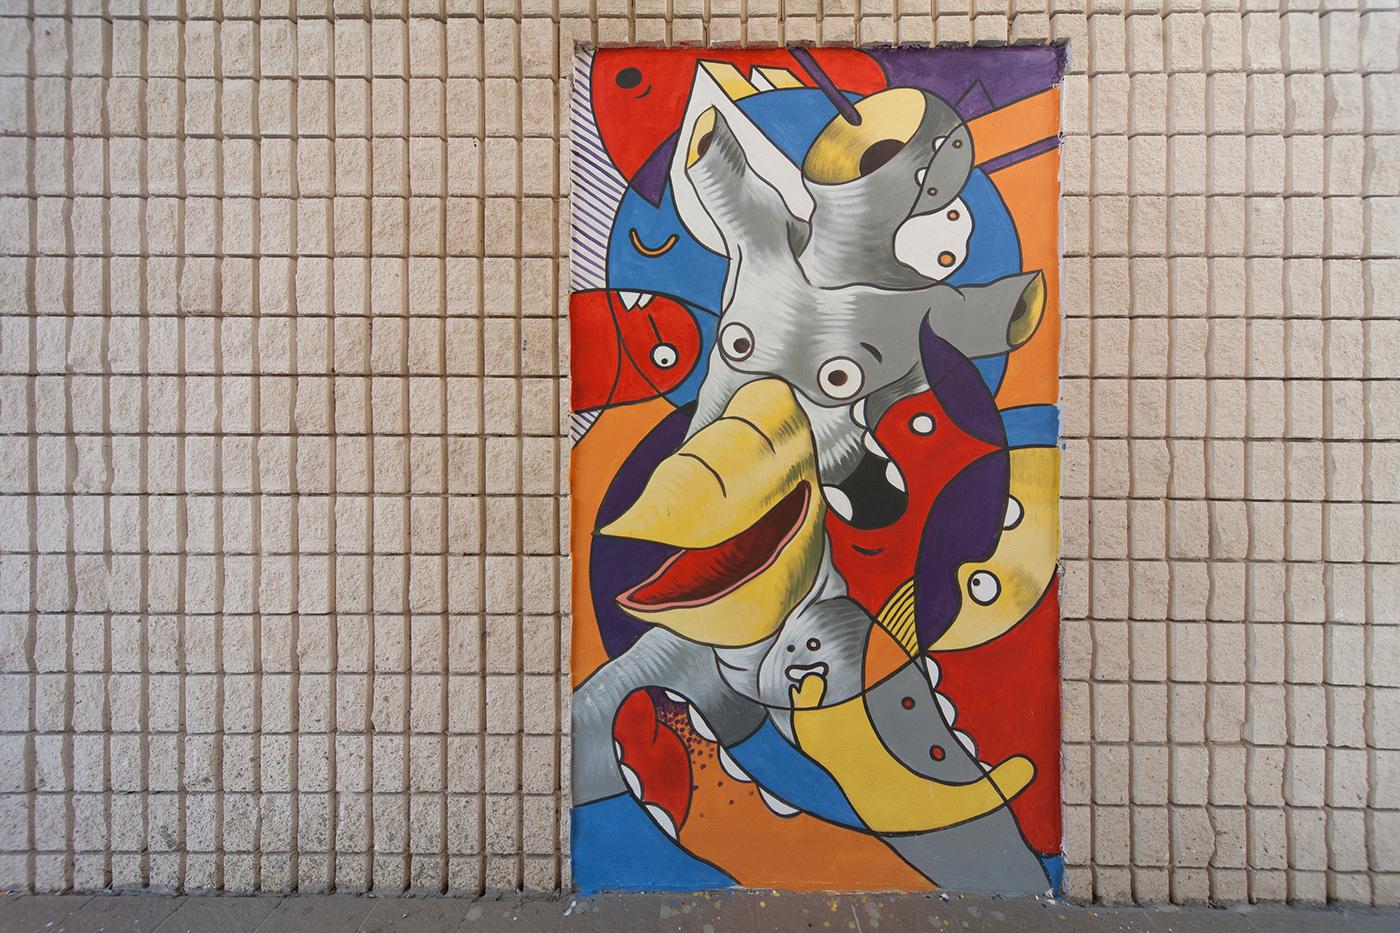 Image may contain: cartoon, art and drawing